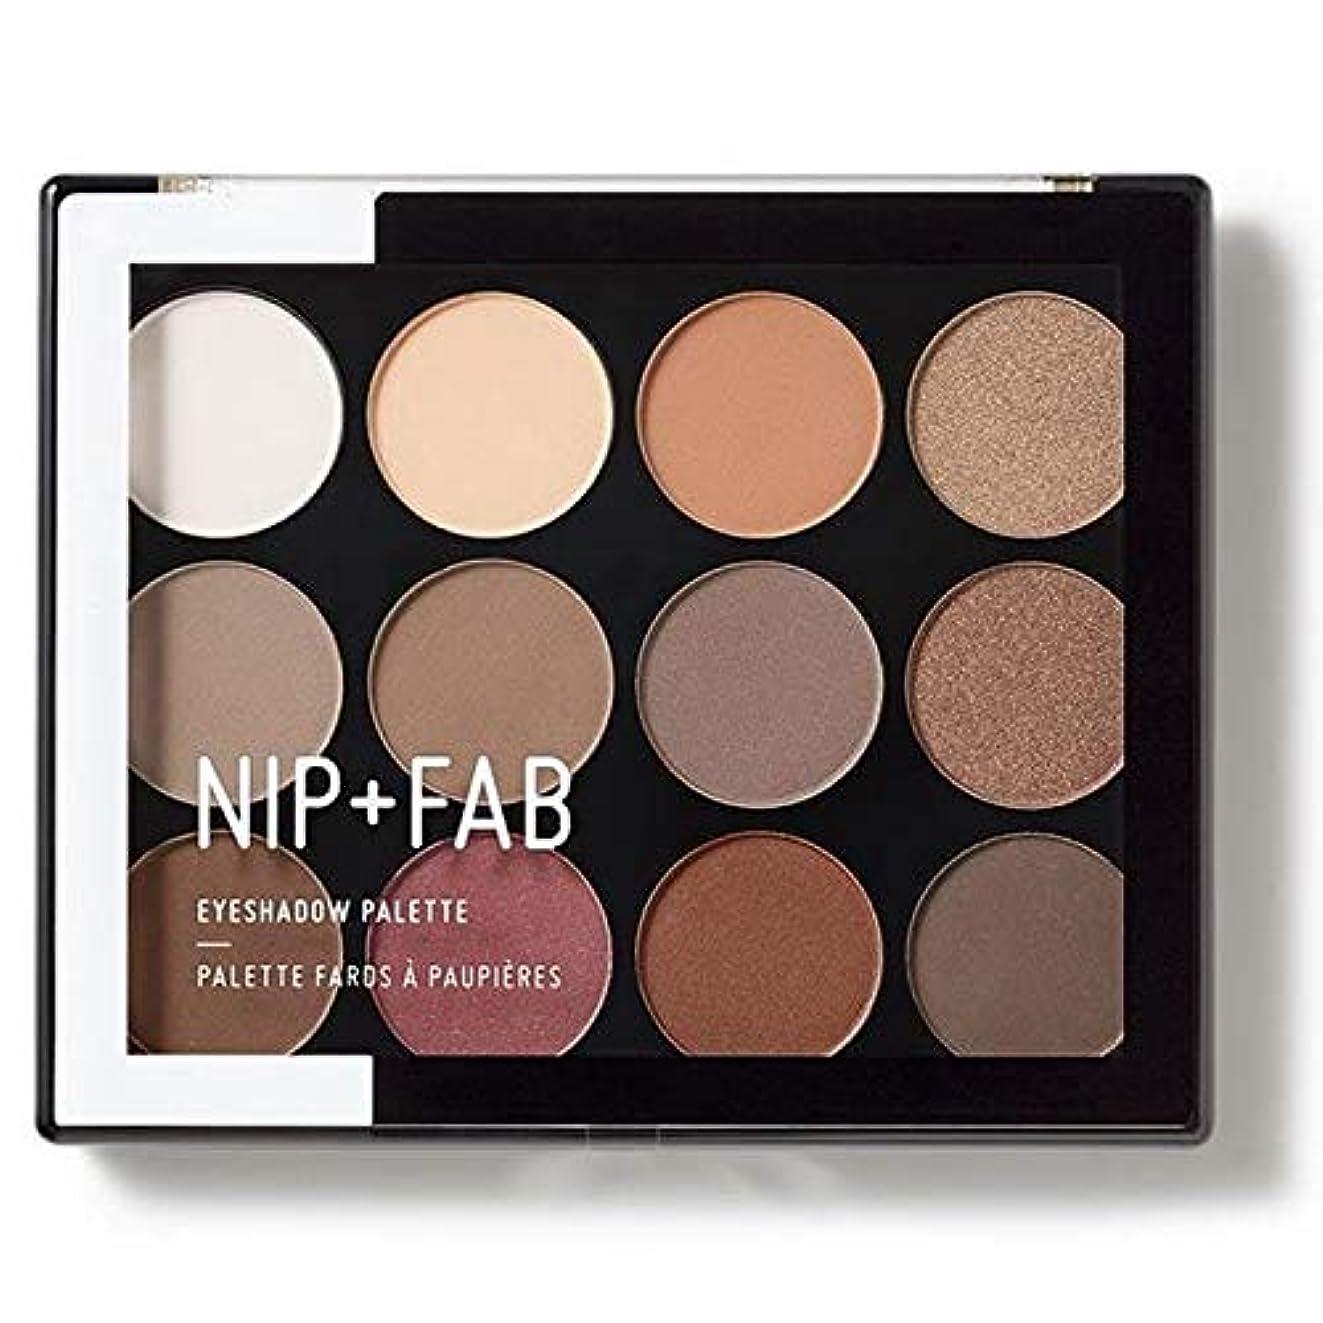 失心配する経歴[Nip & Fab ] アイシャドウパレット12グラムが1を彫刻作るFab +ニップ - NIP+FAB Make Up Eyeshadow Palette 12g Sculpted 1 [並行輸入品]